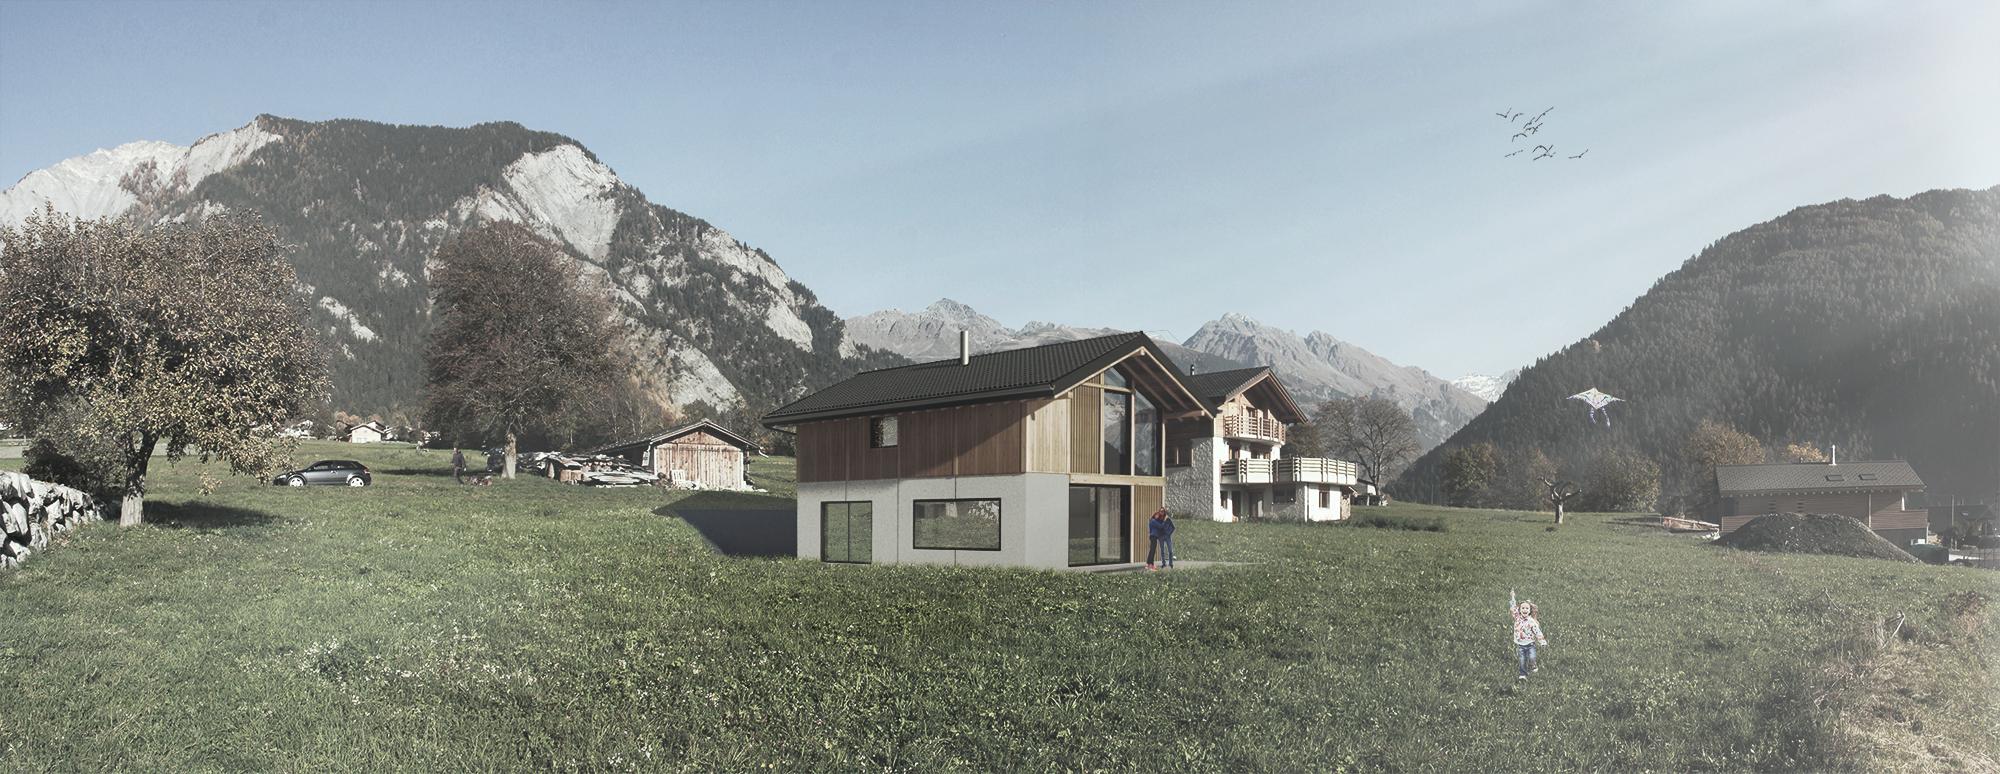 Vollèges | Construction d'une villa